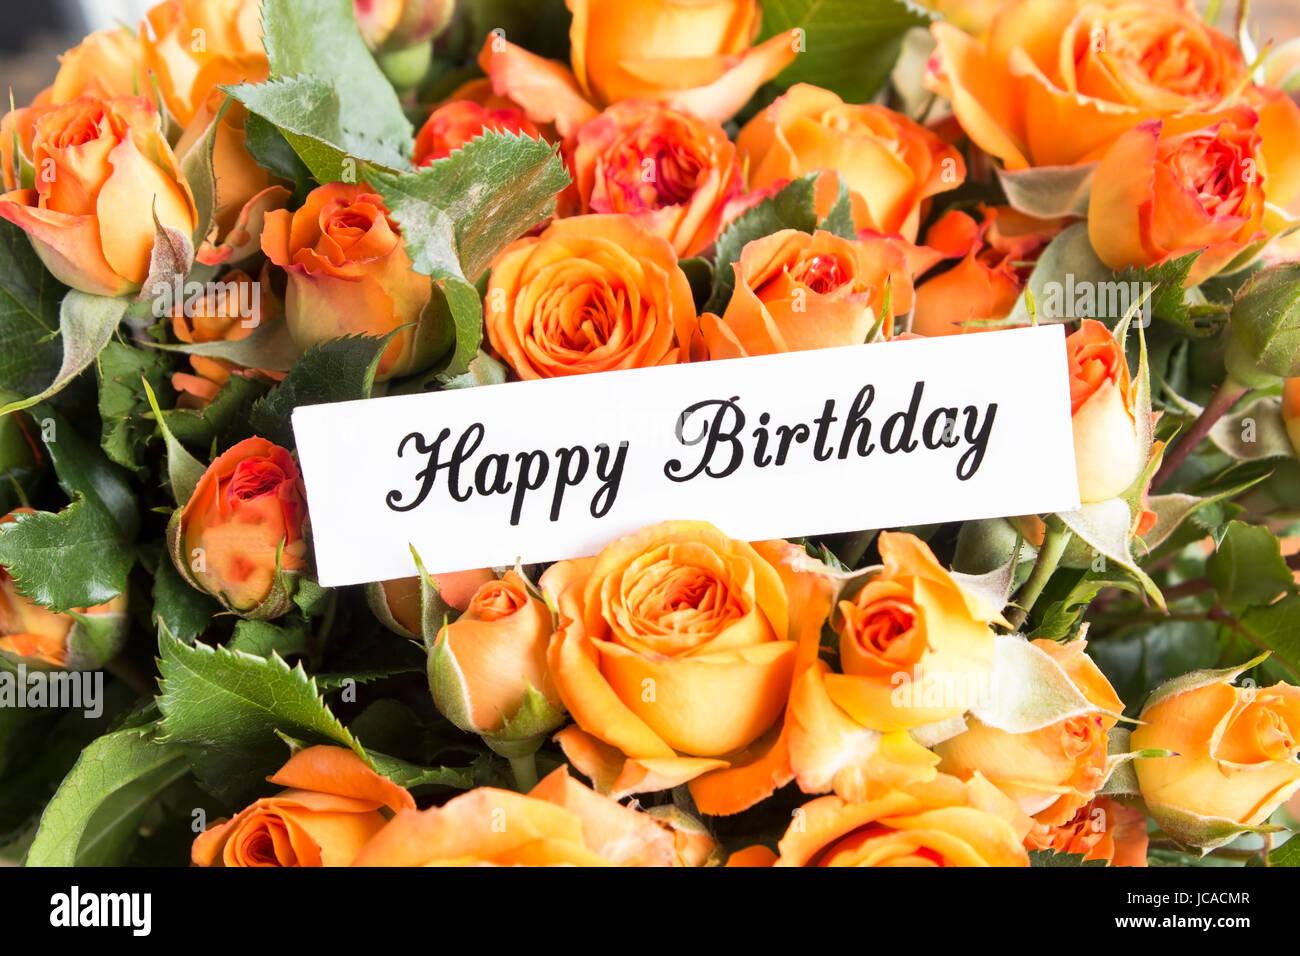 Happy Birthday Card Mit Orange Rosen Bouquet Hautnah